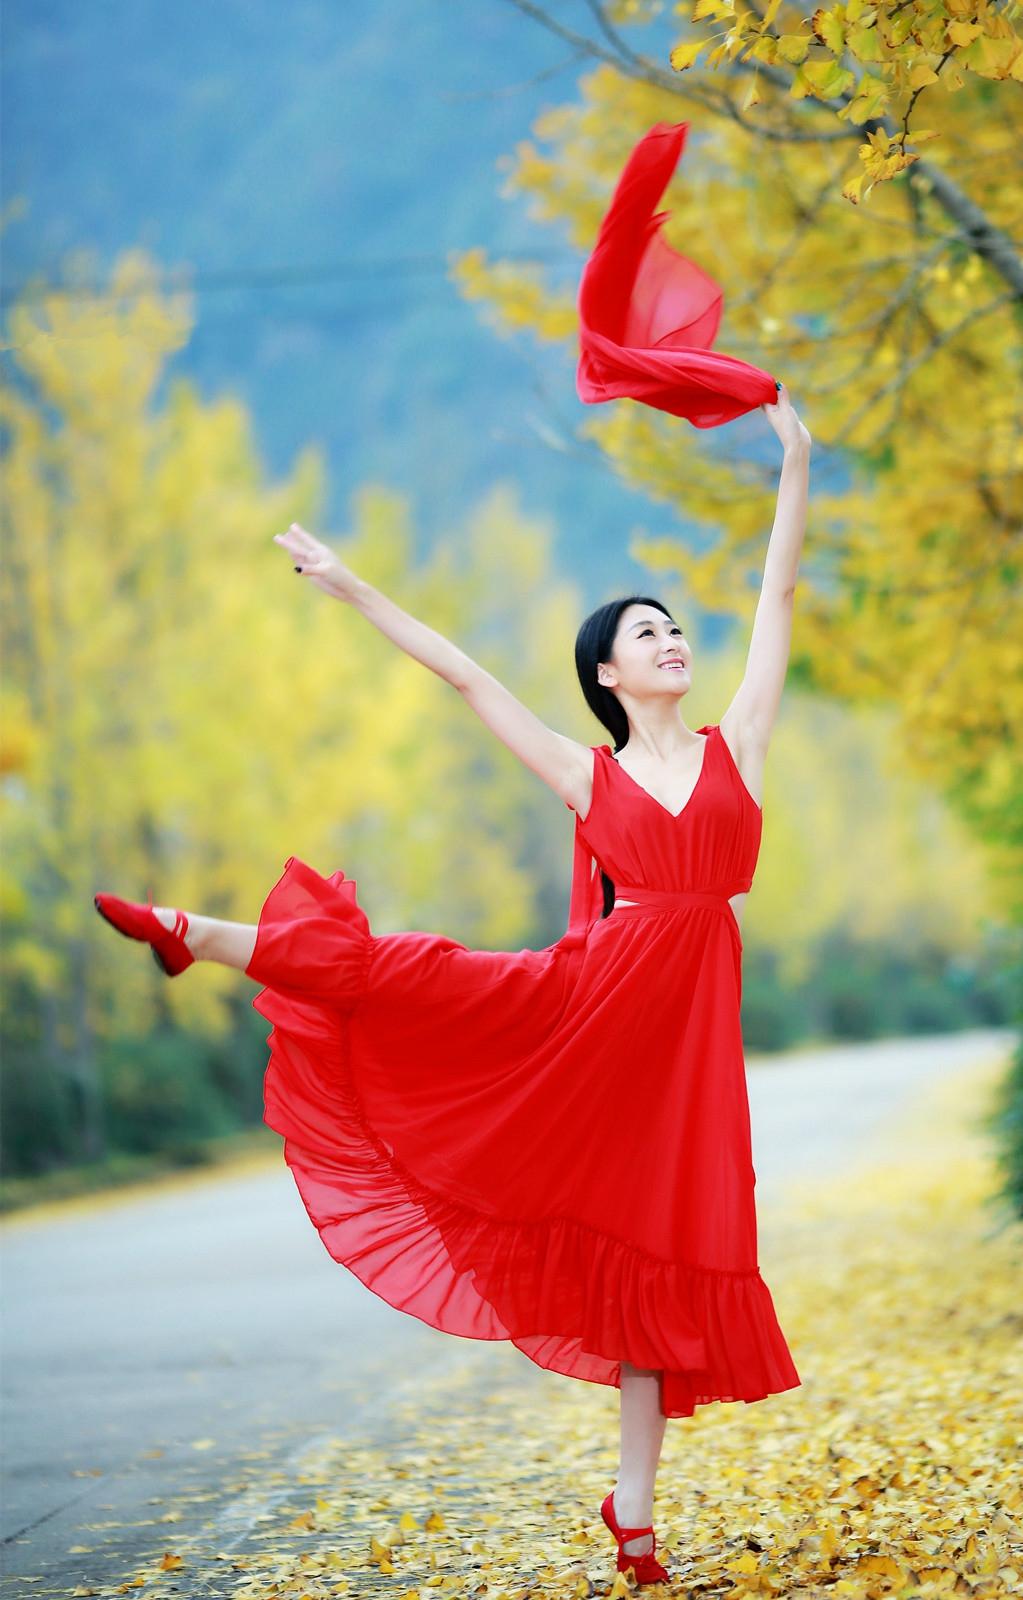 秋天的舞蹈--珍藏版 - 青梅酒女 - 青梅酒女的博客